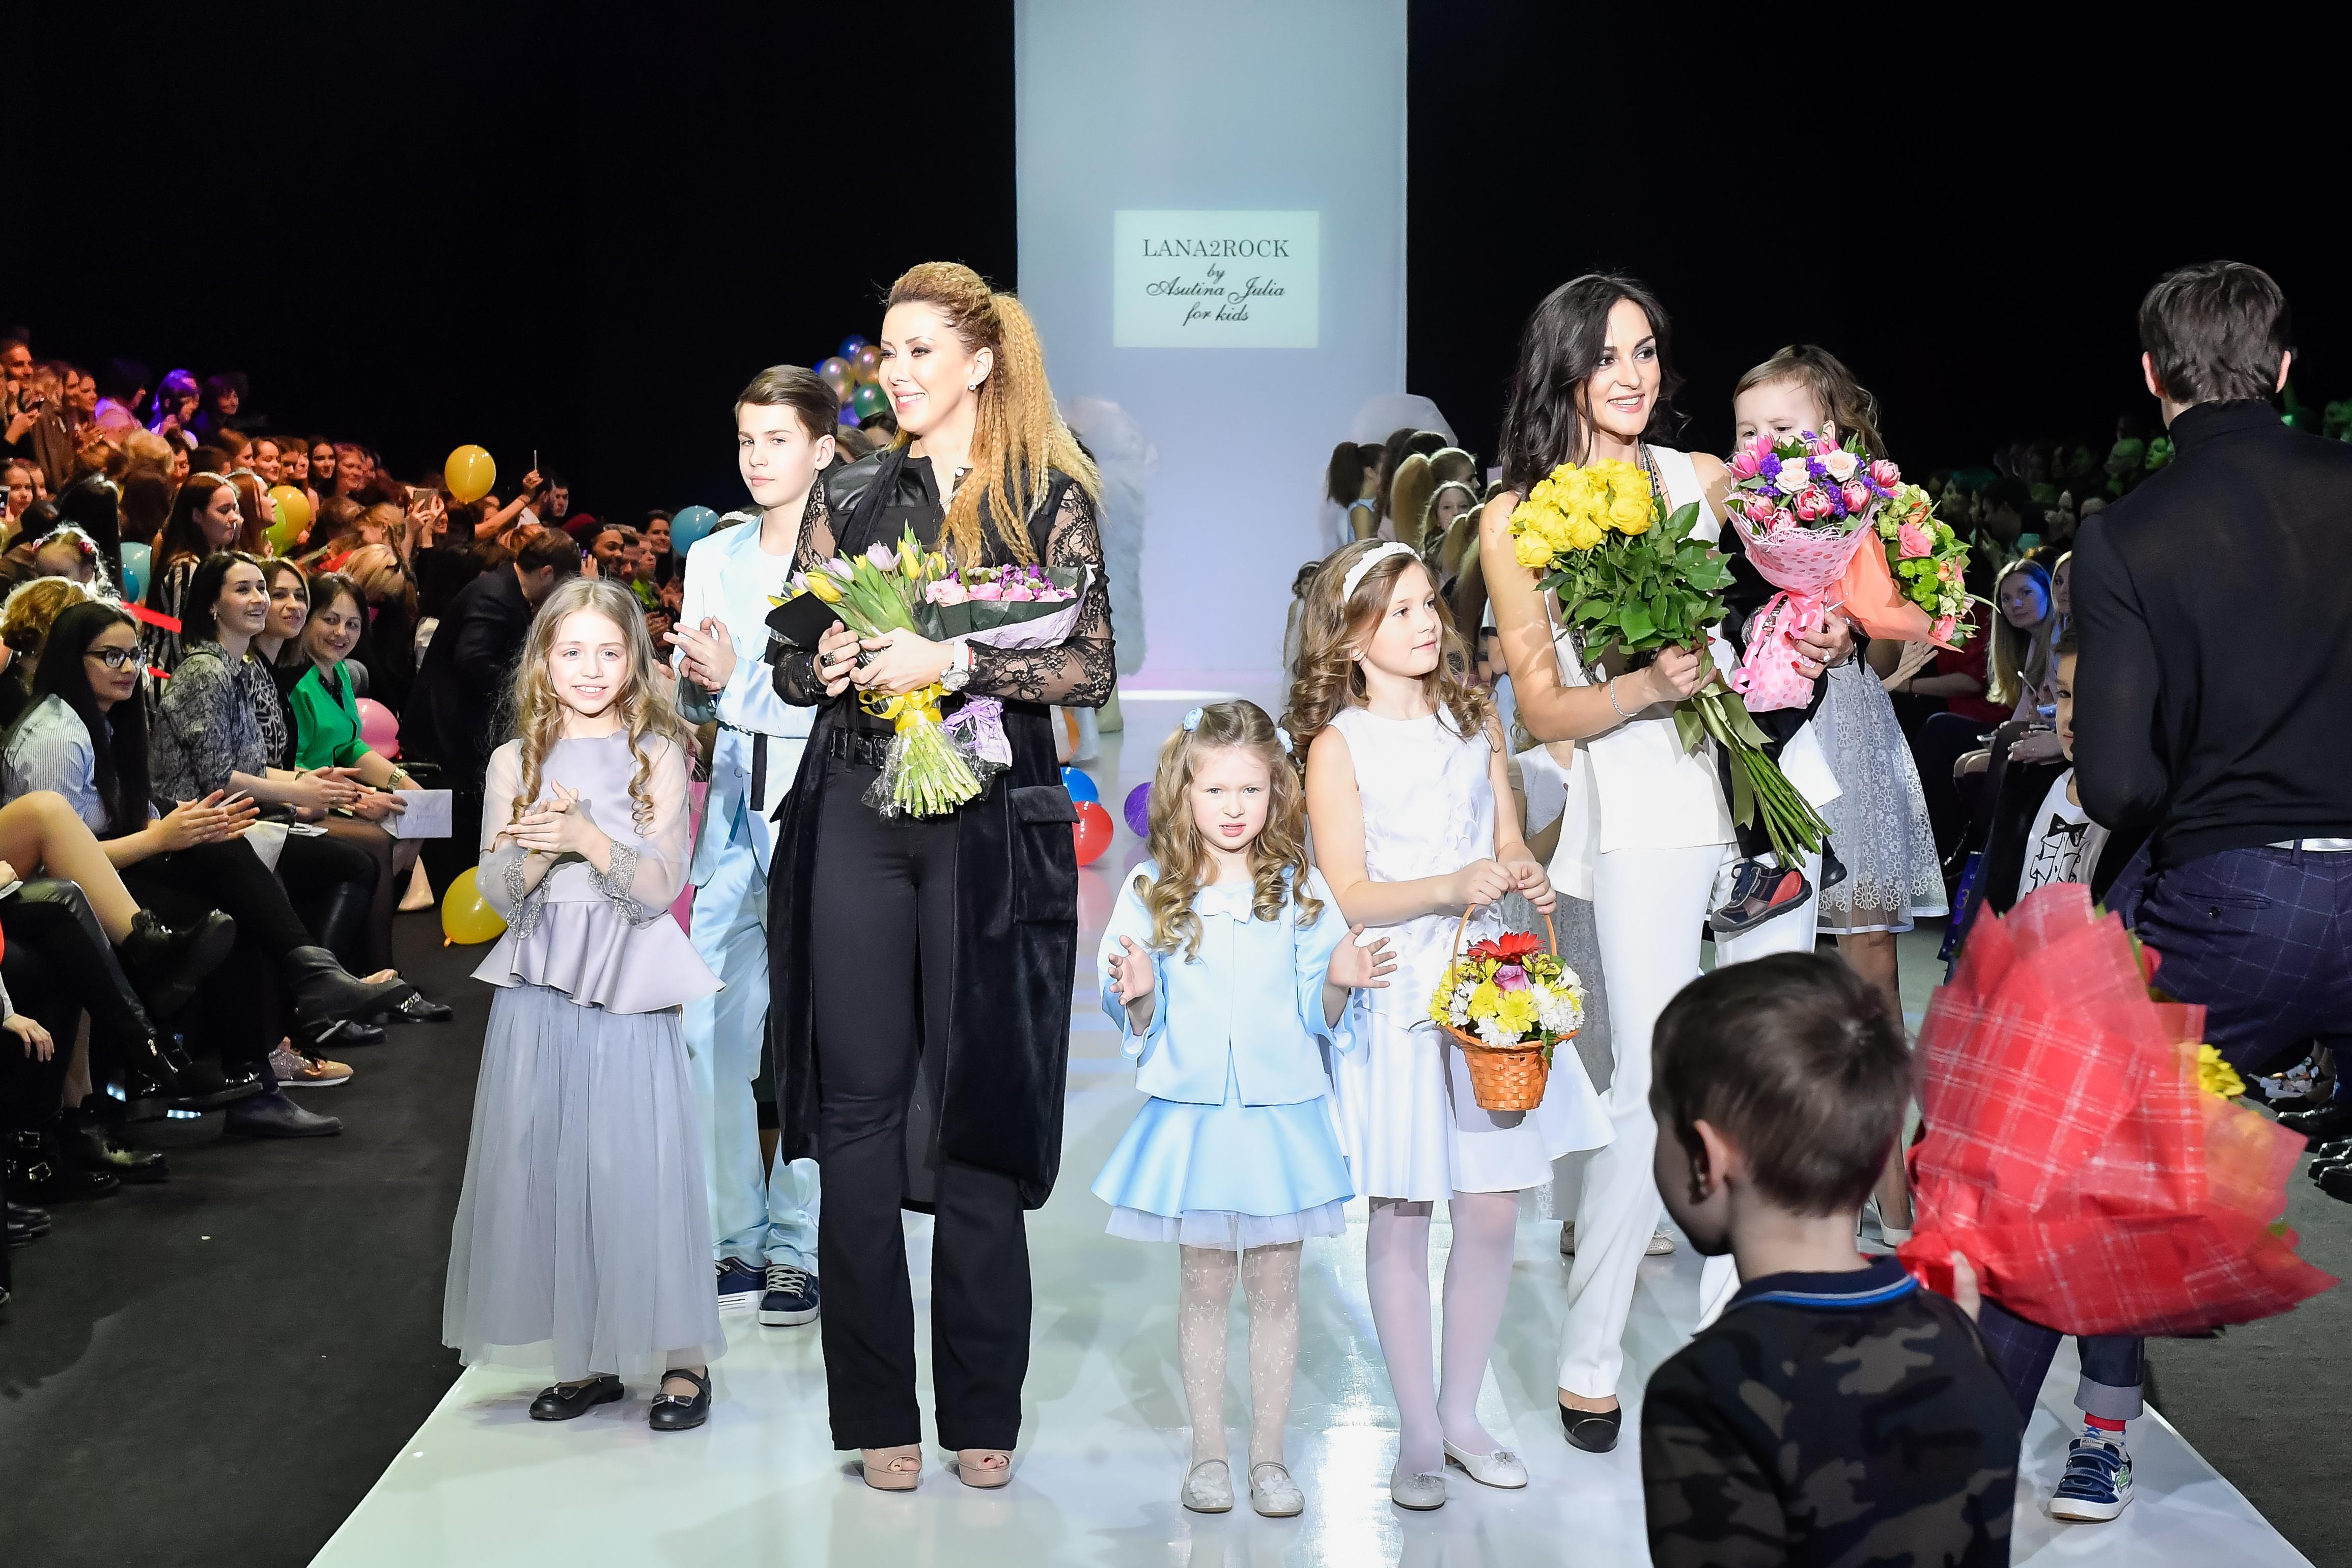 37-й сезон Недели моды в Москве 37-й сезон Недели моды в Москве BOY0061